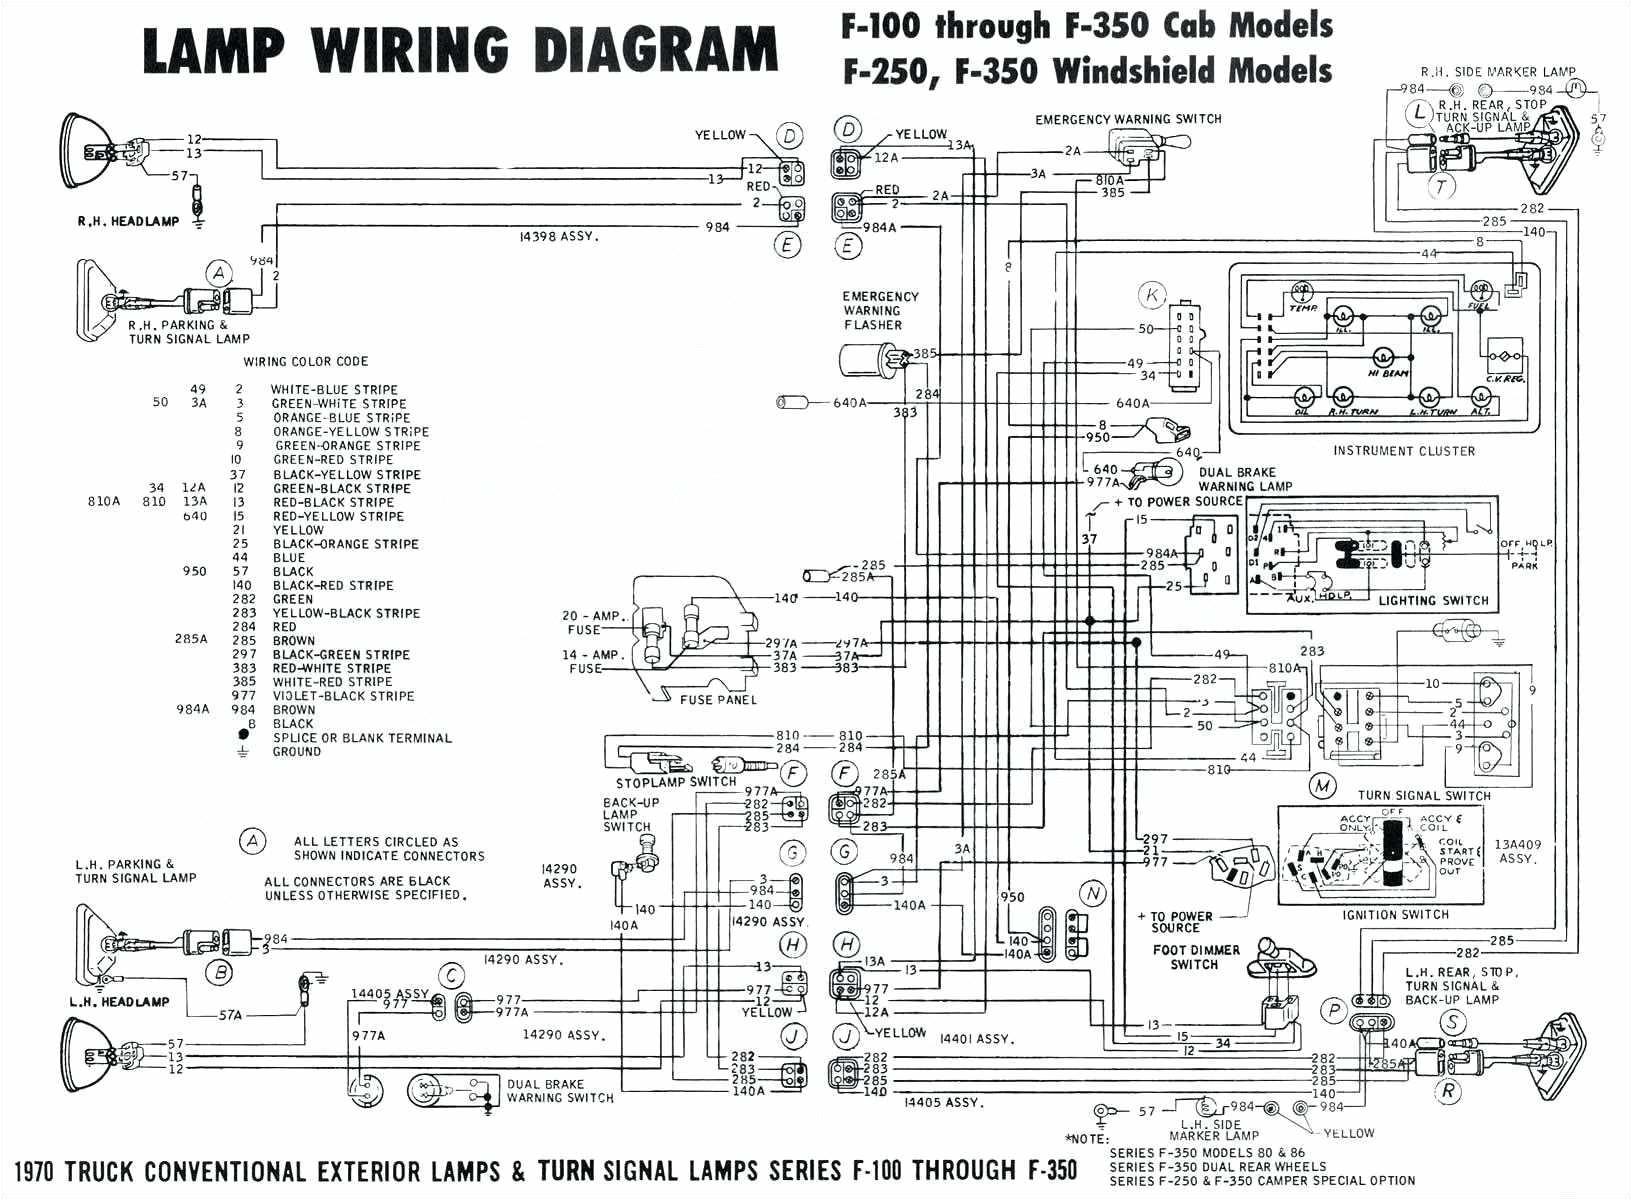 advanced wiring schematics wiring diagram database advance auto parts wiring diagrams advance wiring diagrams